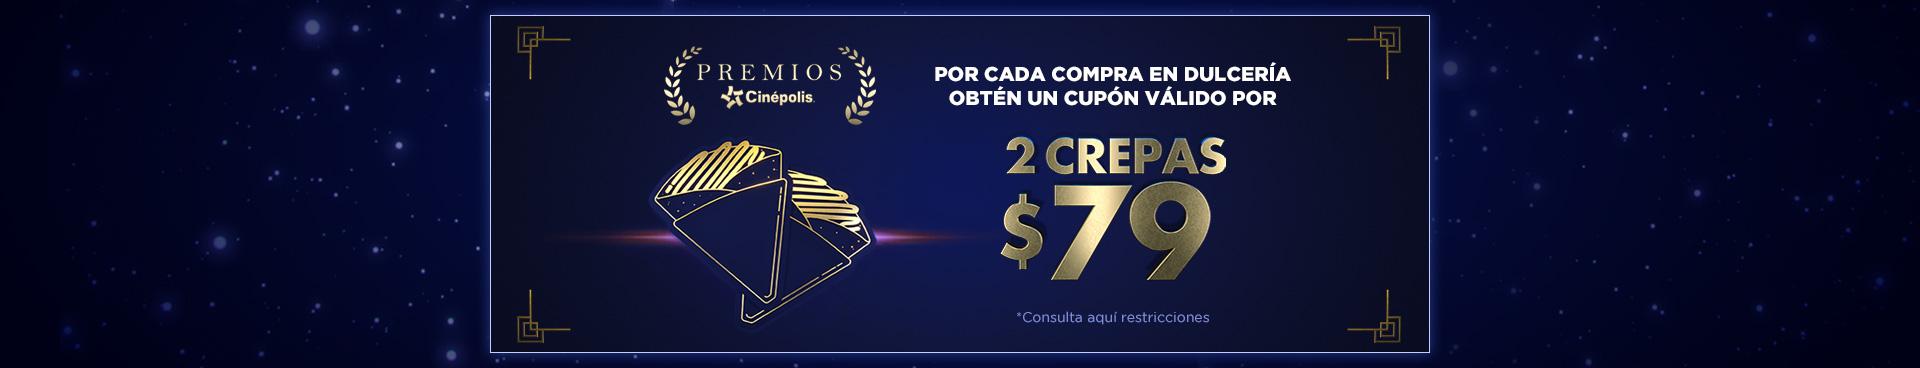 Premios Cinépolis: Crepas